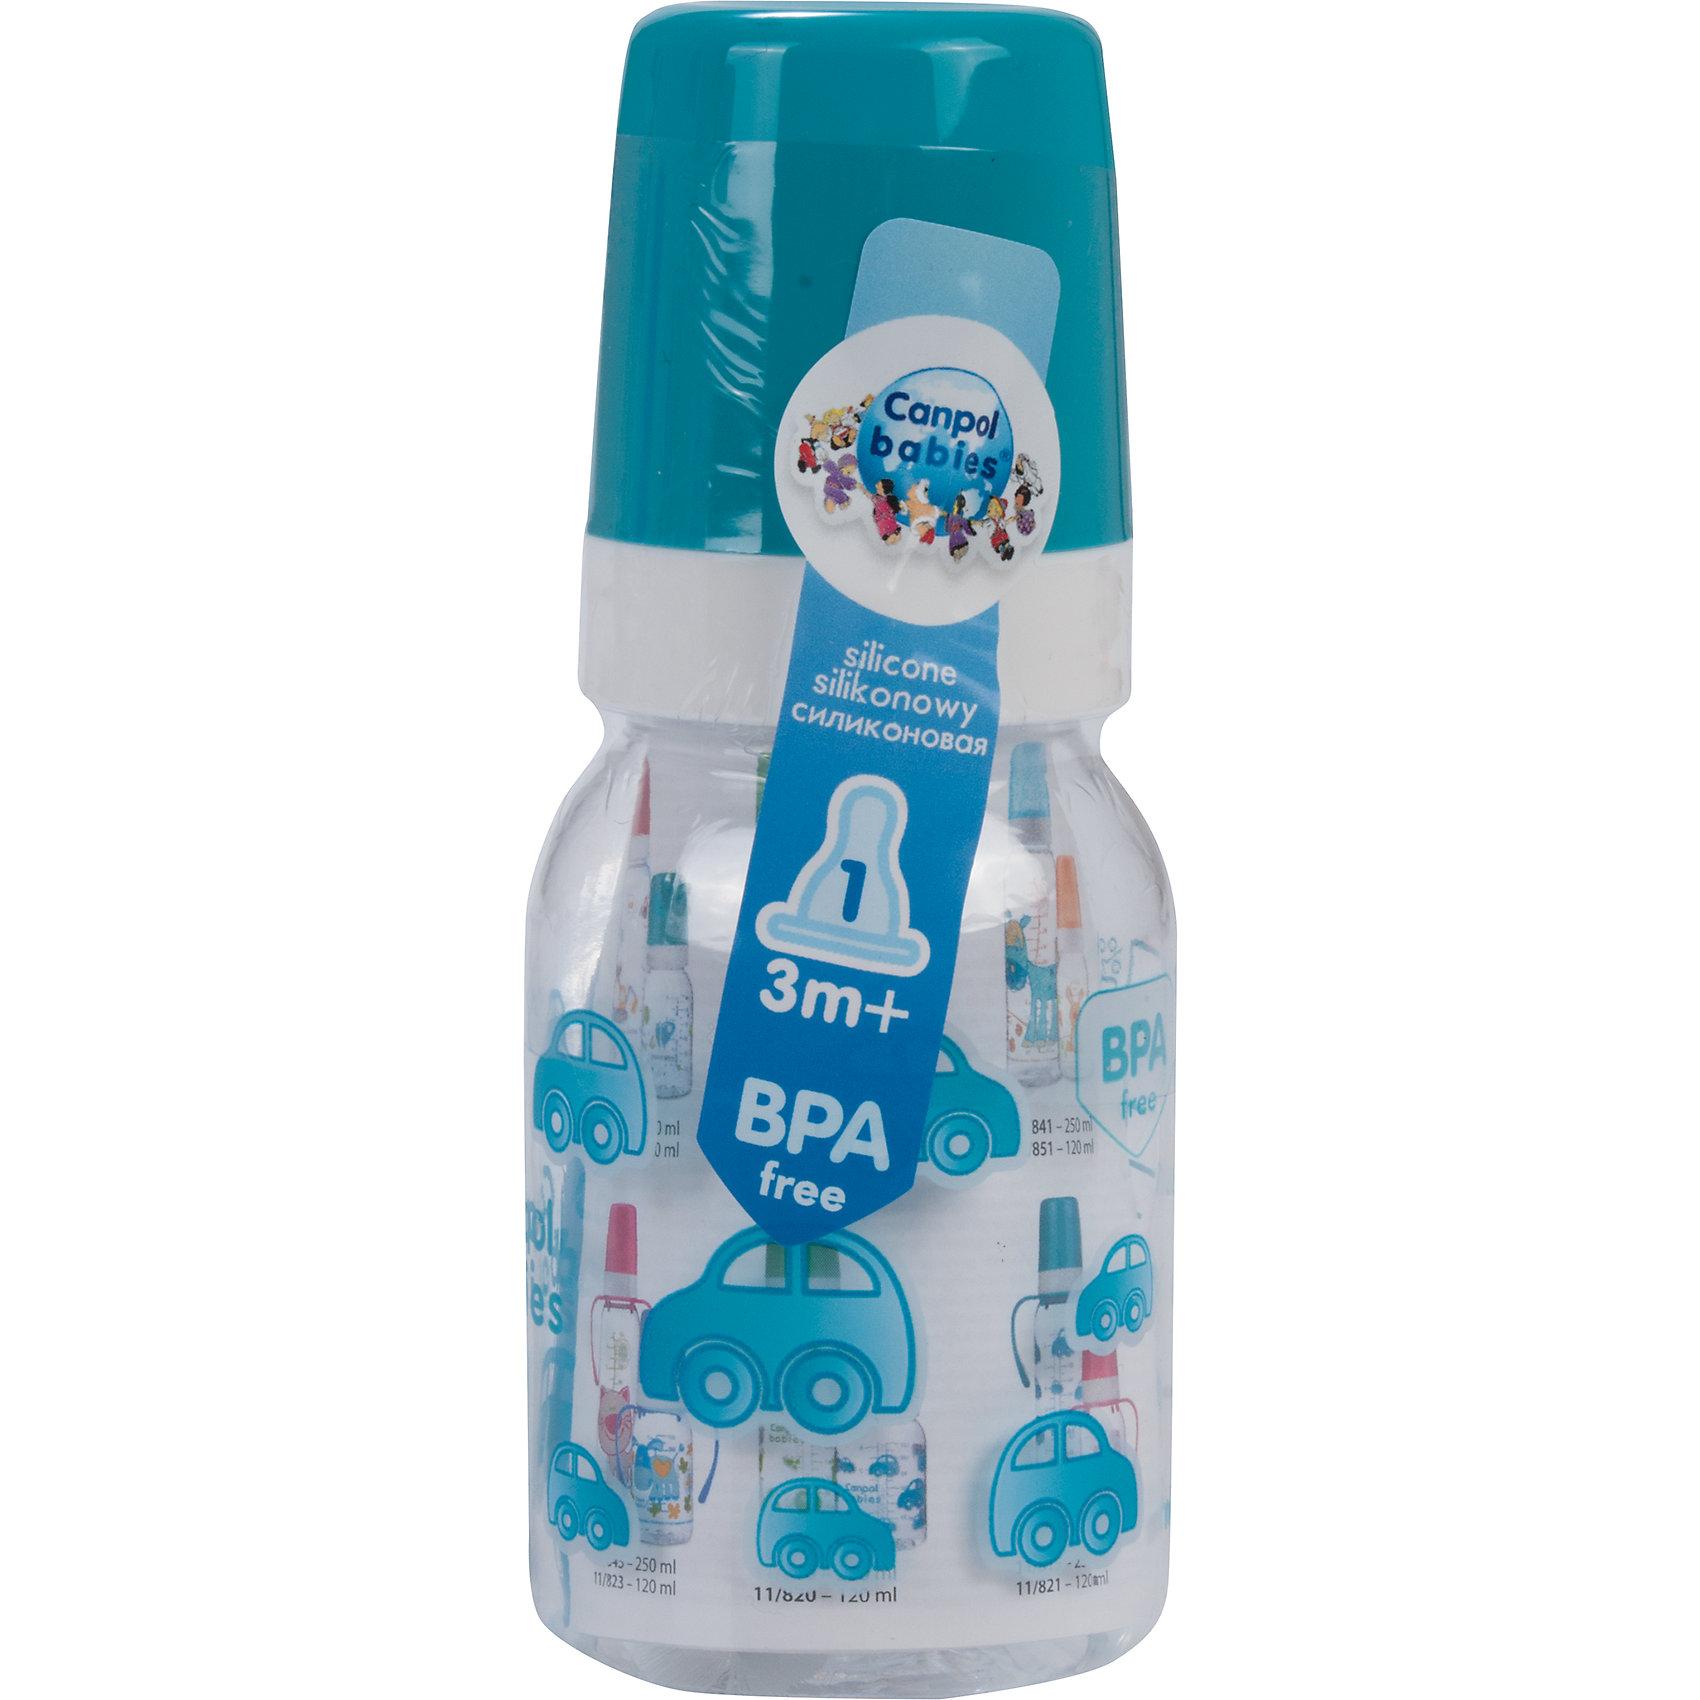 Бутылочка тритановая (BPA 0%) с сил. соской, 120 мл. 3+, Canpol Babies, бирюзовый110 - 180 мл.<br>Бутылочка тритановая (BPA 0%) с сил. соской, 120 мл. 3+, Canpol Babies, (Канпол Бейбис), бирюзовый.<br><br>Характеристики: <br><br>• Объем бутылочки: 120мл.<br>• Материал бутылочки: тритан - пластик нового поколения.<br>• Материал соски: силикон.<br>• Цвет : бирюзовый. <br>Бутылочка тритановая (BPA 0%) с сил. соской, 120 мл. 3+, Canpol Babies, (Канпол Бейбис) имеет классическую форму. Удобна в использовании дома и в дороге. Бутылочка выполнена из безопасного качественного материала - тритана, который хорошо держит тепло, снабжена силиконовой соской (медленный поток) и защитным колпачком, имеет удобную мерную шкалу.  Такую бутылочку и все части можно кипятить в воде или стерилизовать с помощью специального прибора. Не впитывает запахи.<br>Бутылочку тритановая (BPA 0%) с сил. соской, 120 мл. 3+, Canpol Babies, (Канпол Бейбис), бирюзовый можно купить в нашем интернет- магазине.<br><br>Ширина мм: 61<br>Глубина мм: 54<br>Высота мм: 171<br>Вес г: 490<br>Возраст от месяцев: 3<br>Возраст до месяцев: 18<br>Пол: Мужской<br>Возраст: Детский<br>SKU: 5156799